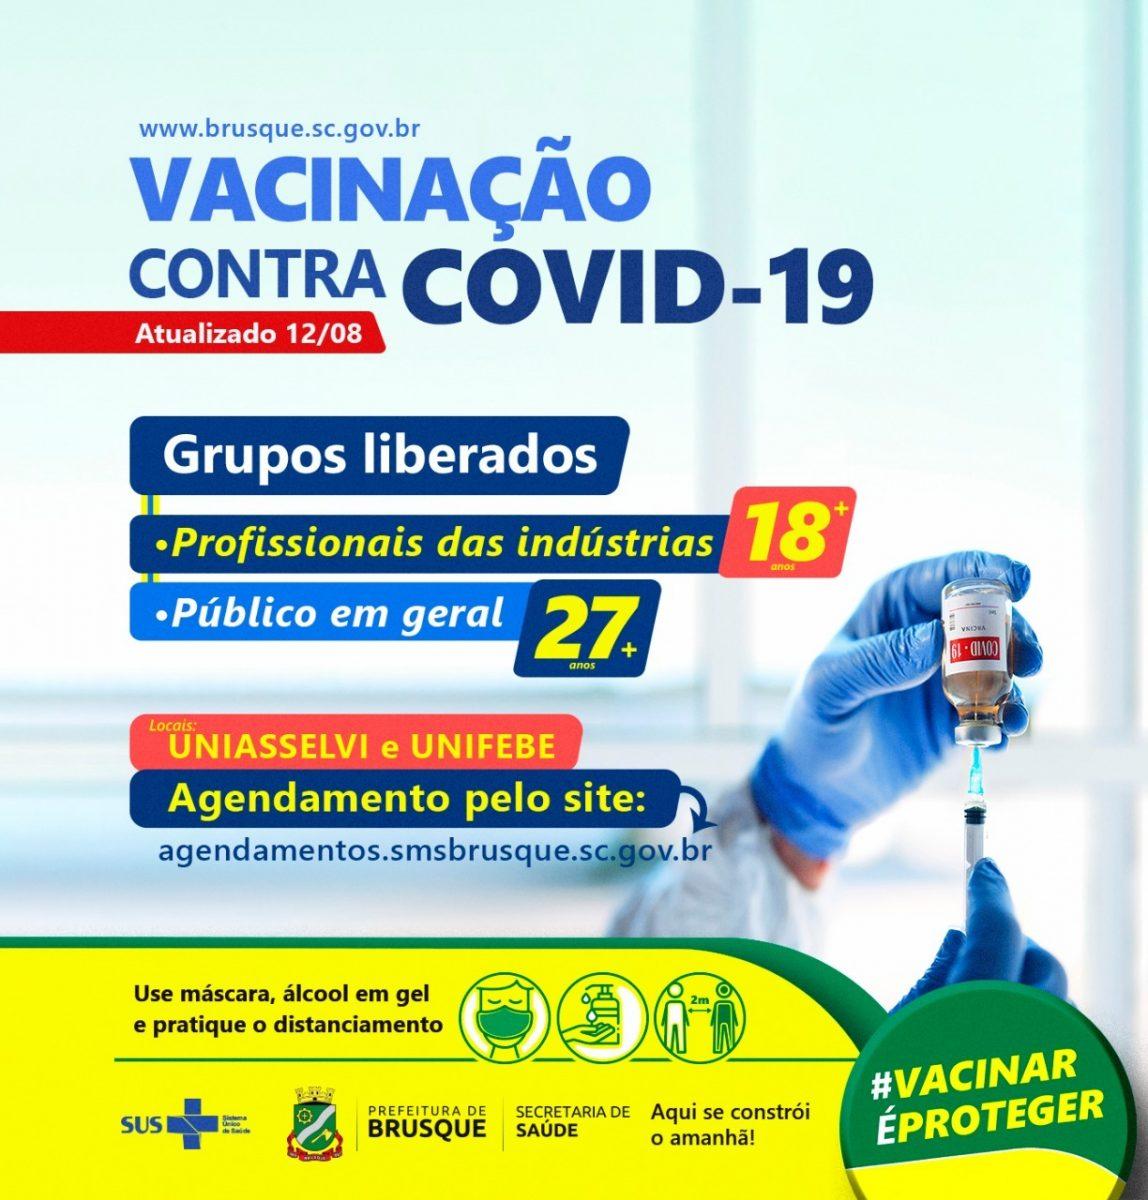 Covid-19: Brusque abre mais um dia de agenda para vacina a pessoas com 27 anos ou mais